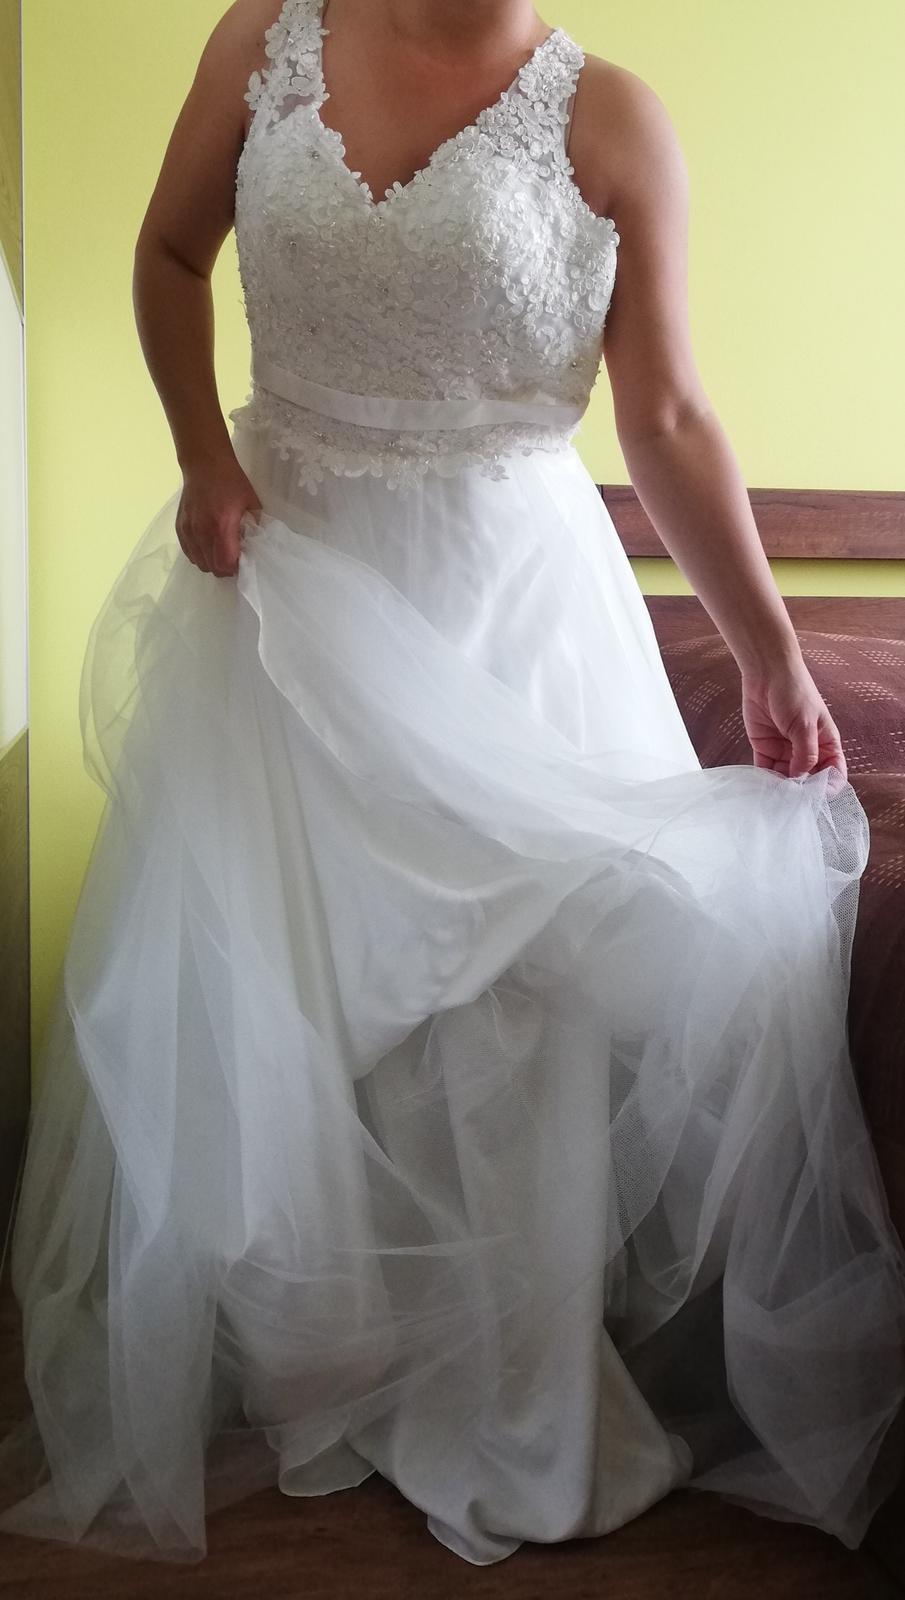 Nové Svatební šaty Luxuar Limited vel. 38 sedne taky vel.36 - Obrázek č. 1